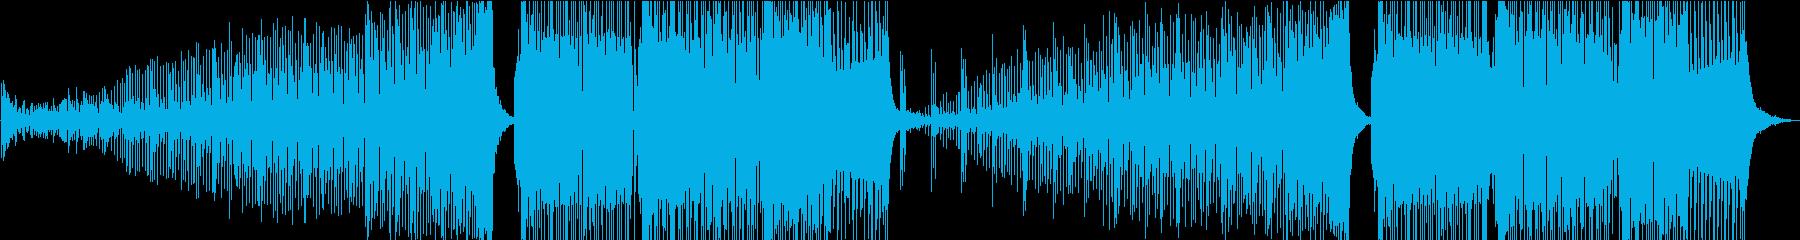 プログレッシブハウス、スクラッシーベースの再生済みの波形